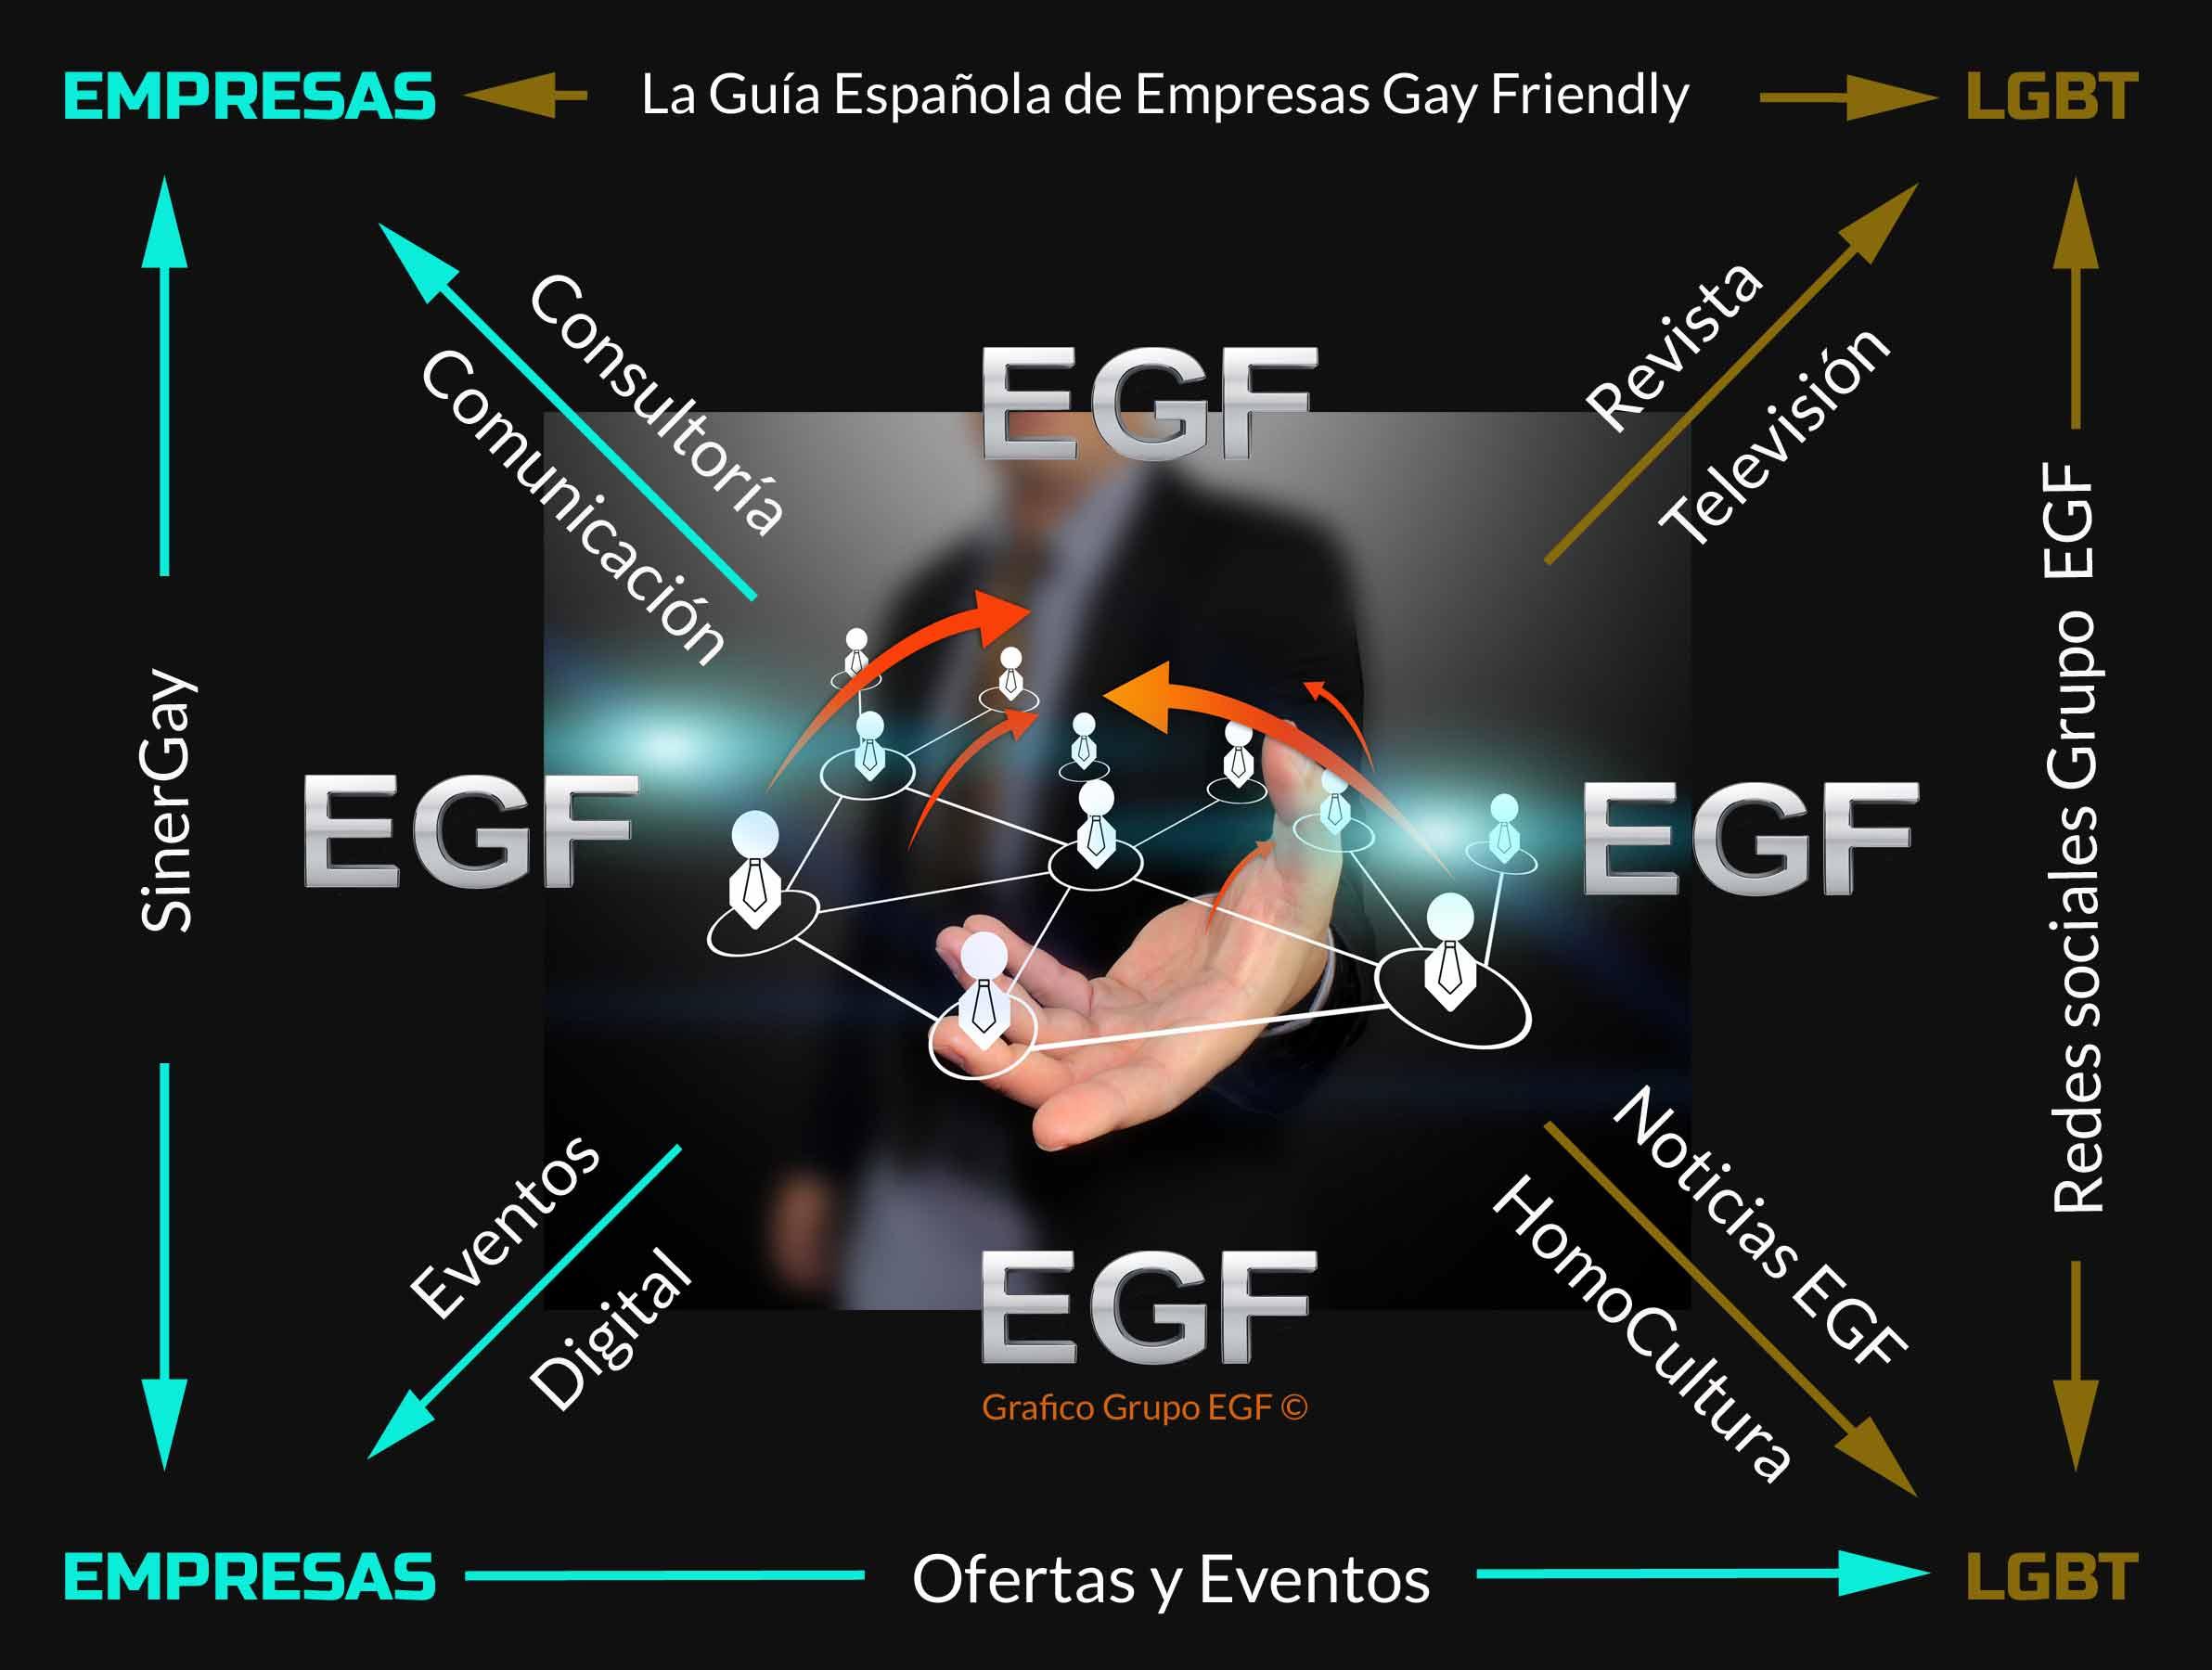 Grupo EGF es un concepto único, integral e interrelacional de Servicios y Contenidos dirigidos al público LGBT (Lesbianas, Gays, Bisexuales y Transexuales).